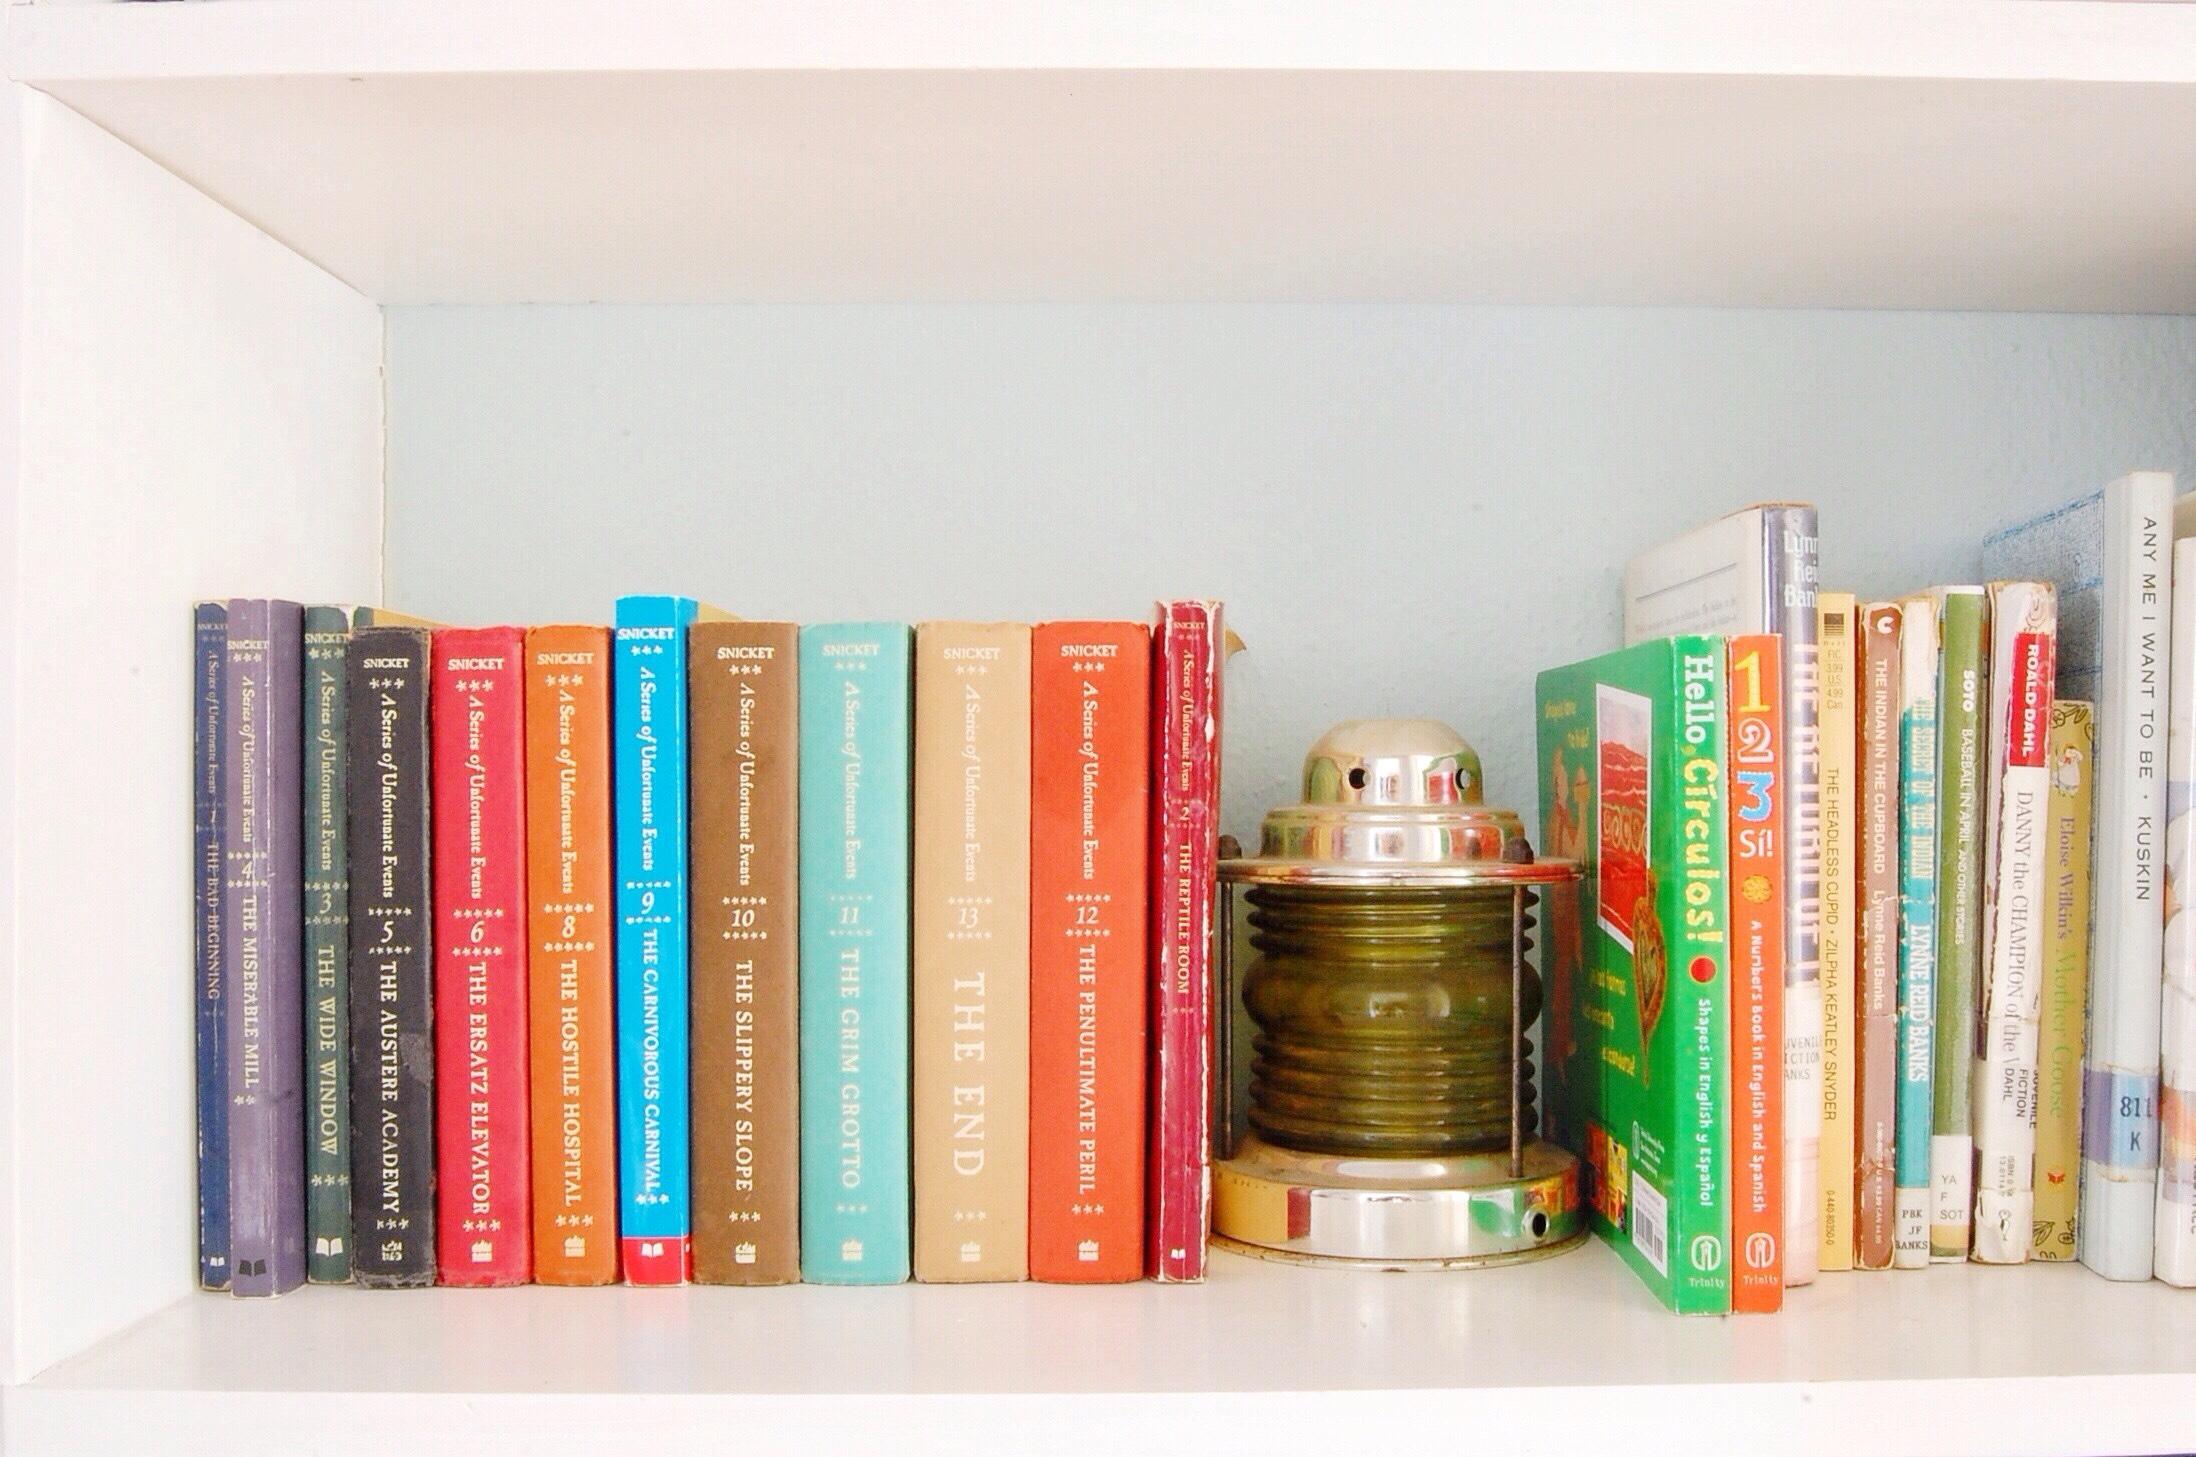 thrift-store-books